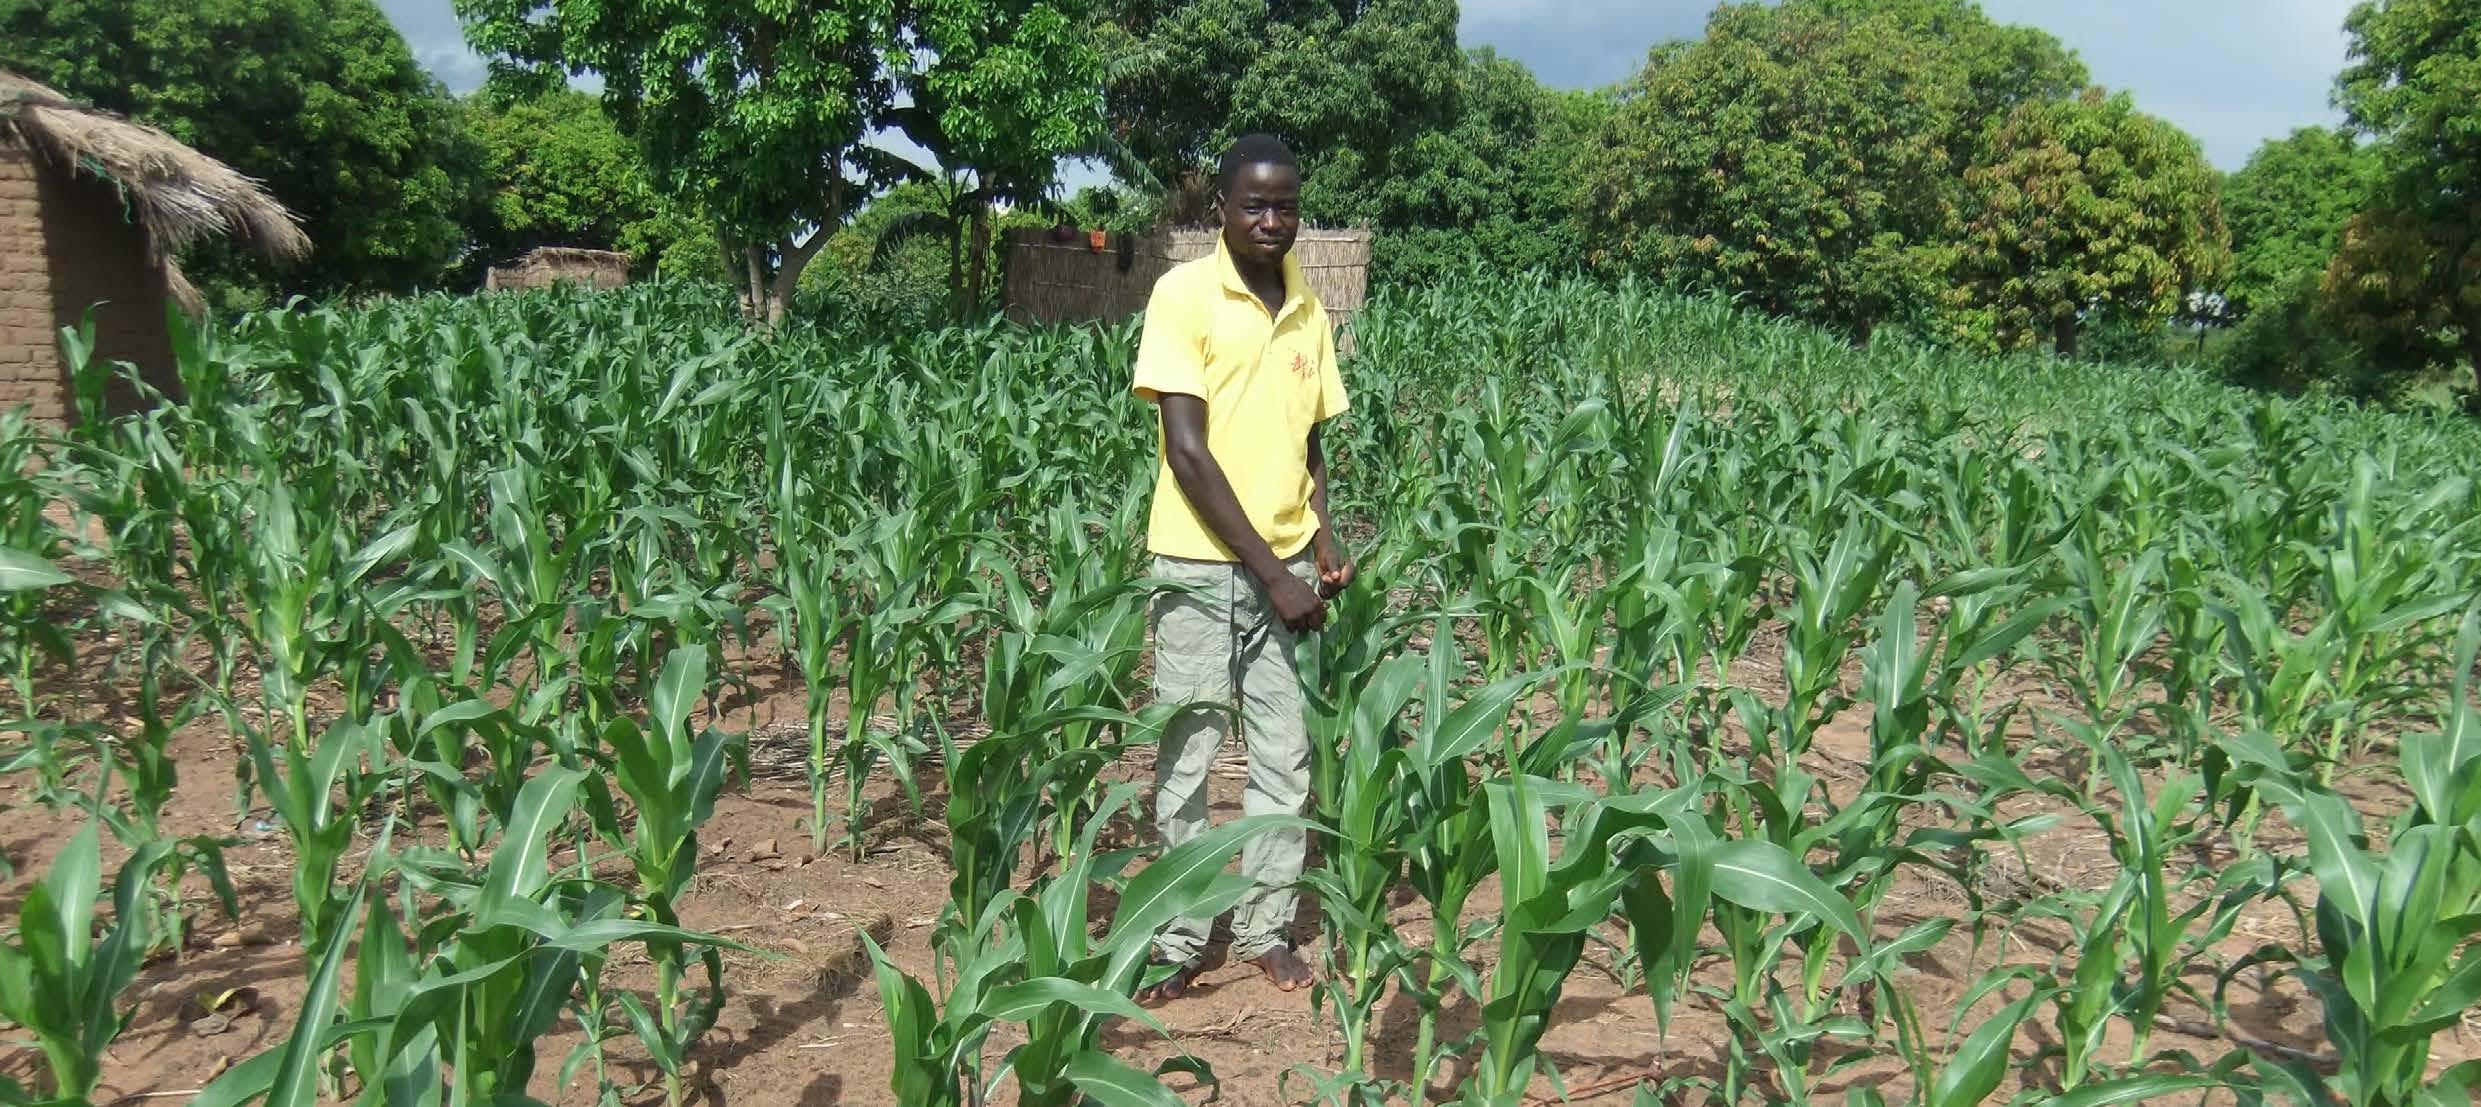 Nachhaltige Landwirtschaft und Solarenergie für Malawi